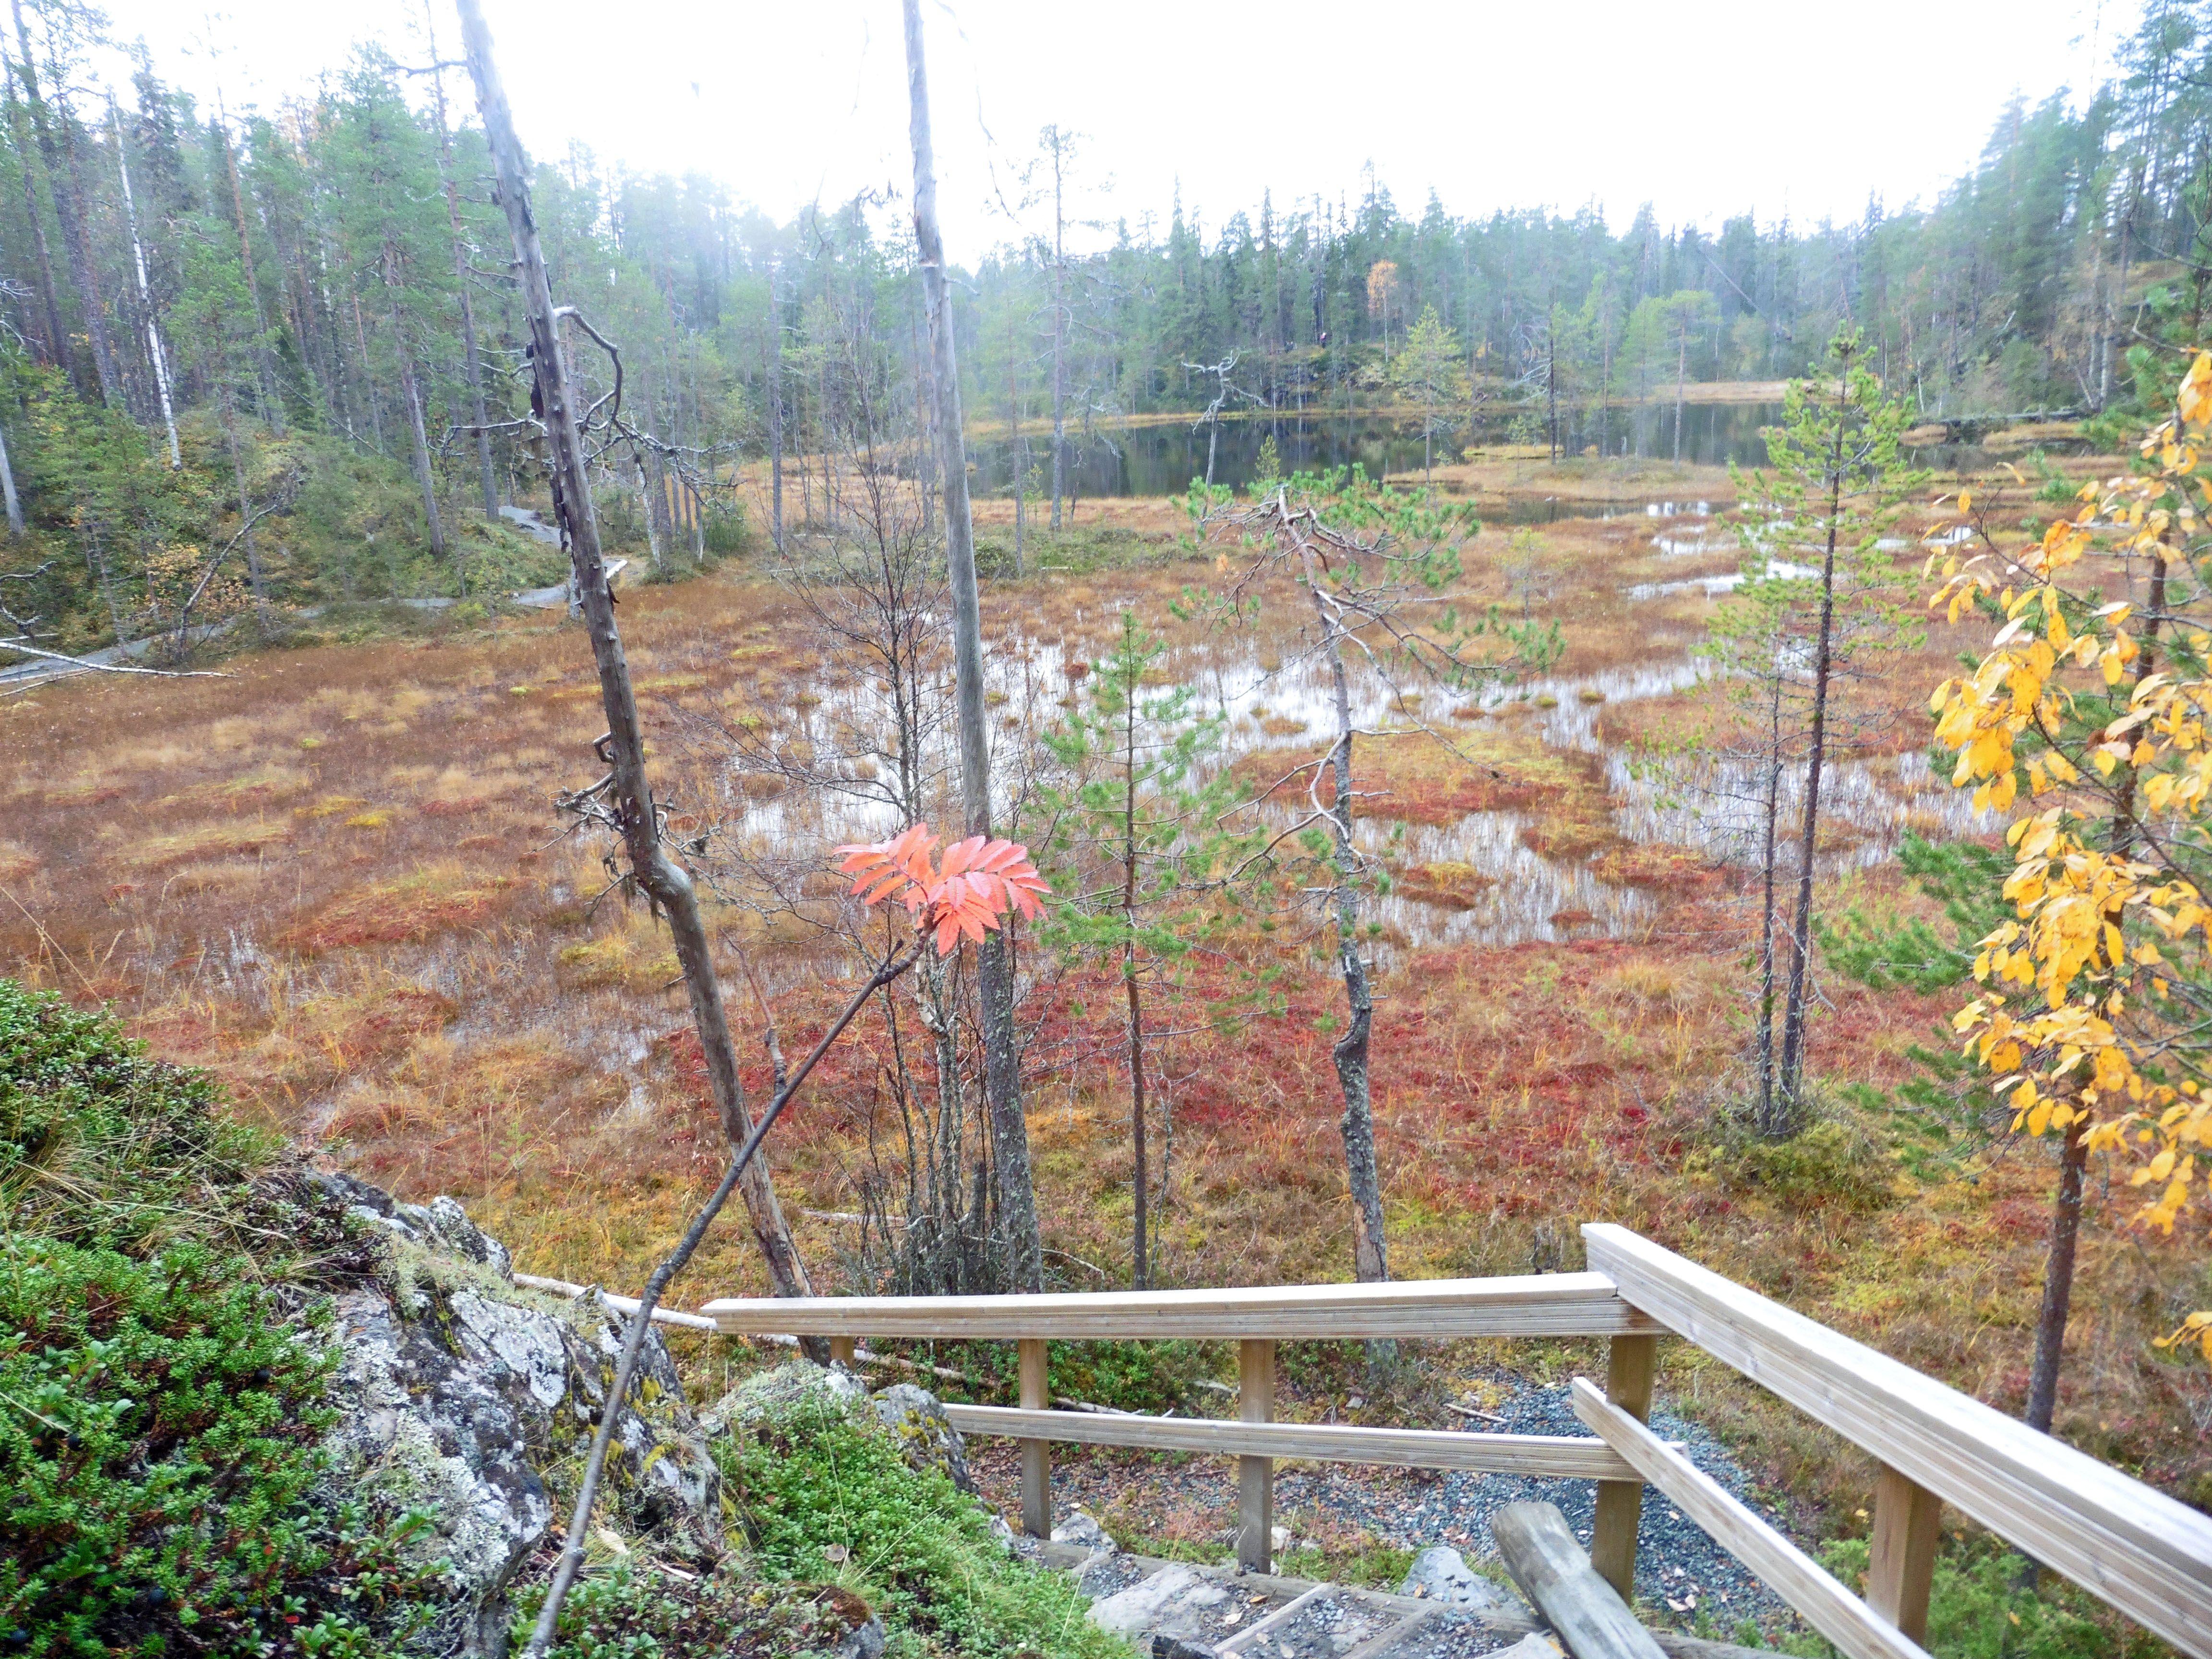 Pieni Karhunkierros, Kuusamo. Maaruska - vaivaiskoivujen, varpujen ja ruohovartisten kasvien väriloisto